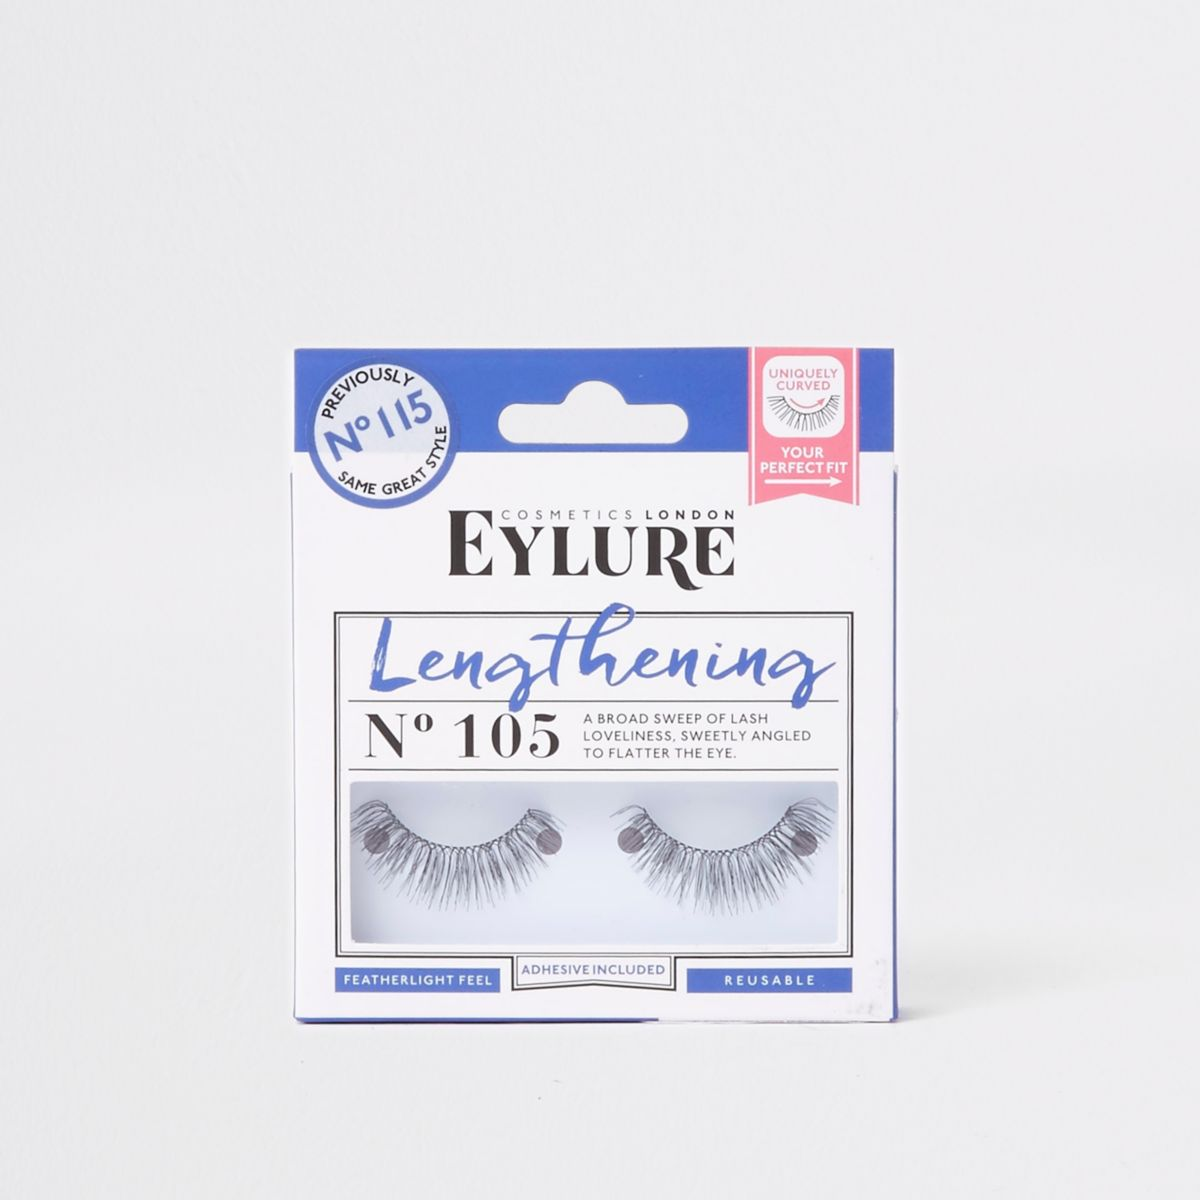 Eylure lengthening 105 false eyelashes